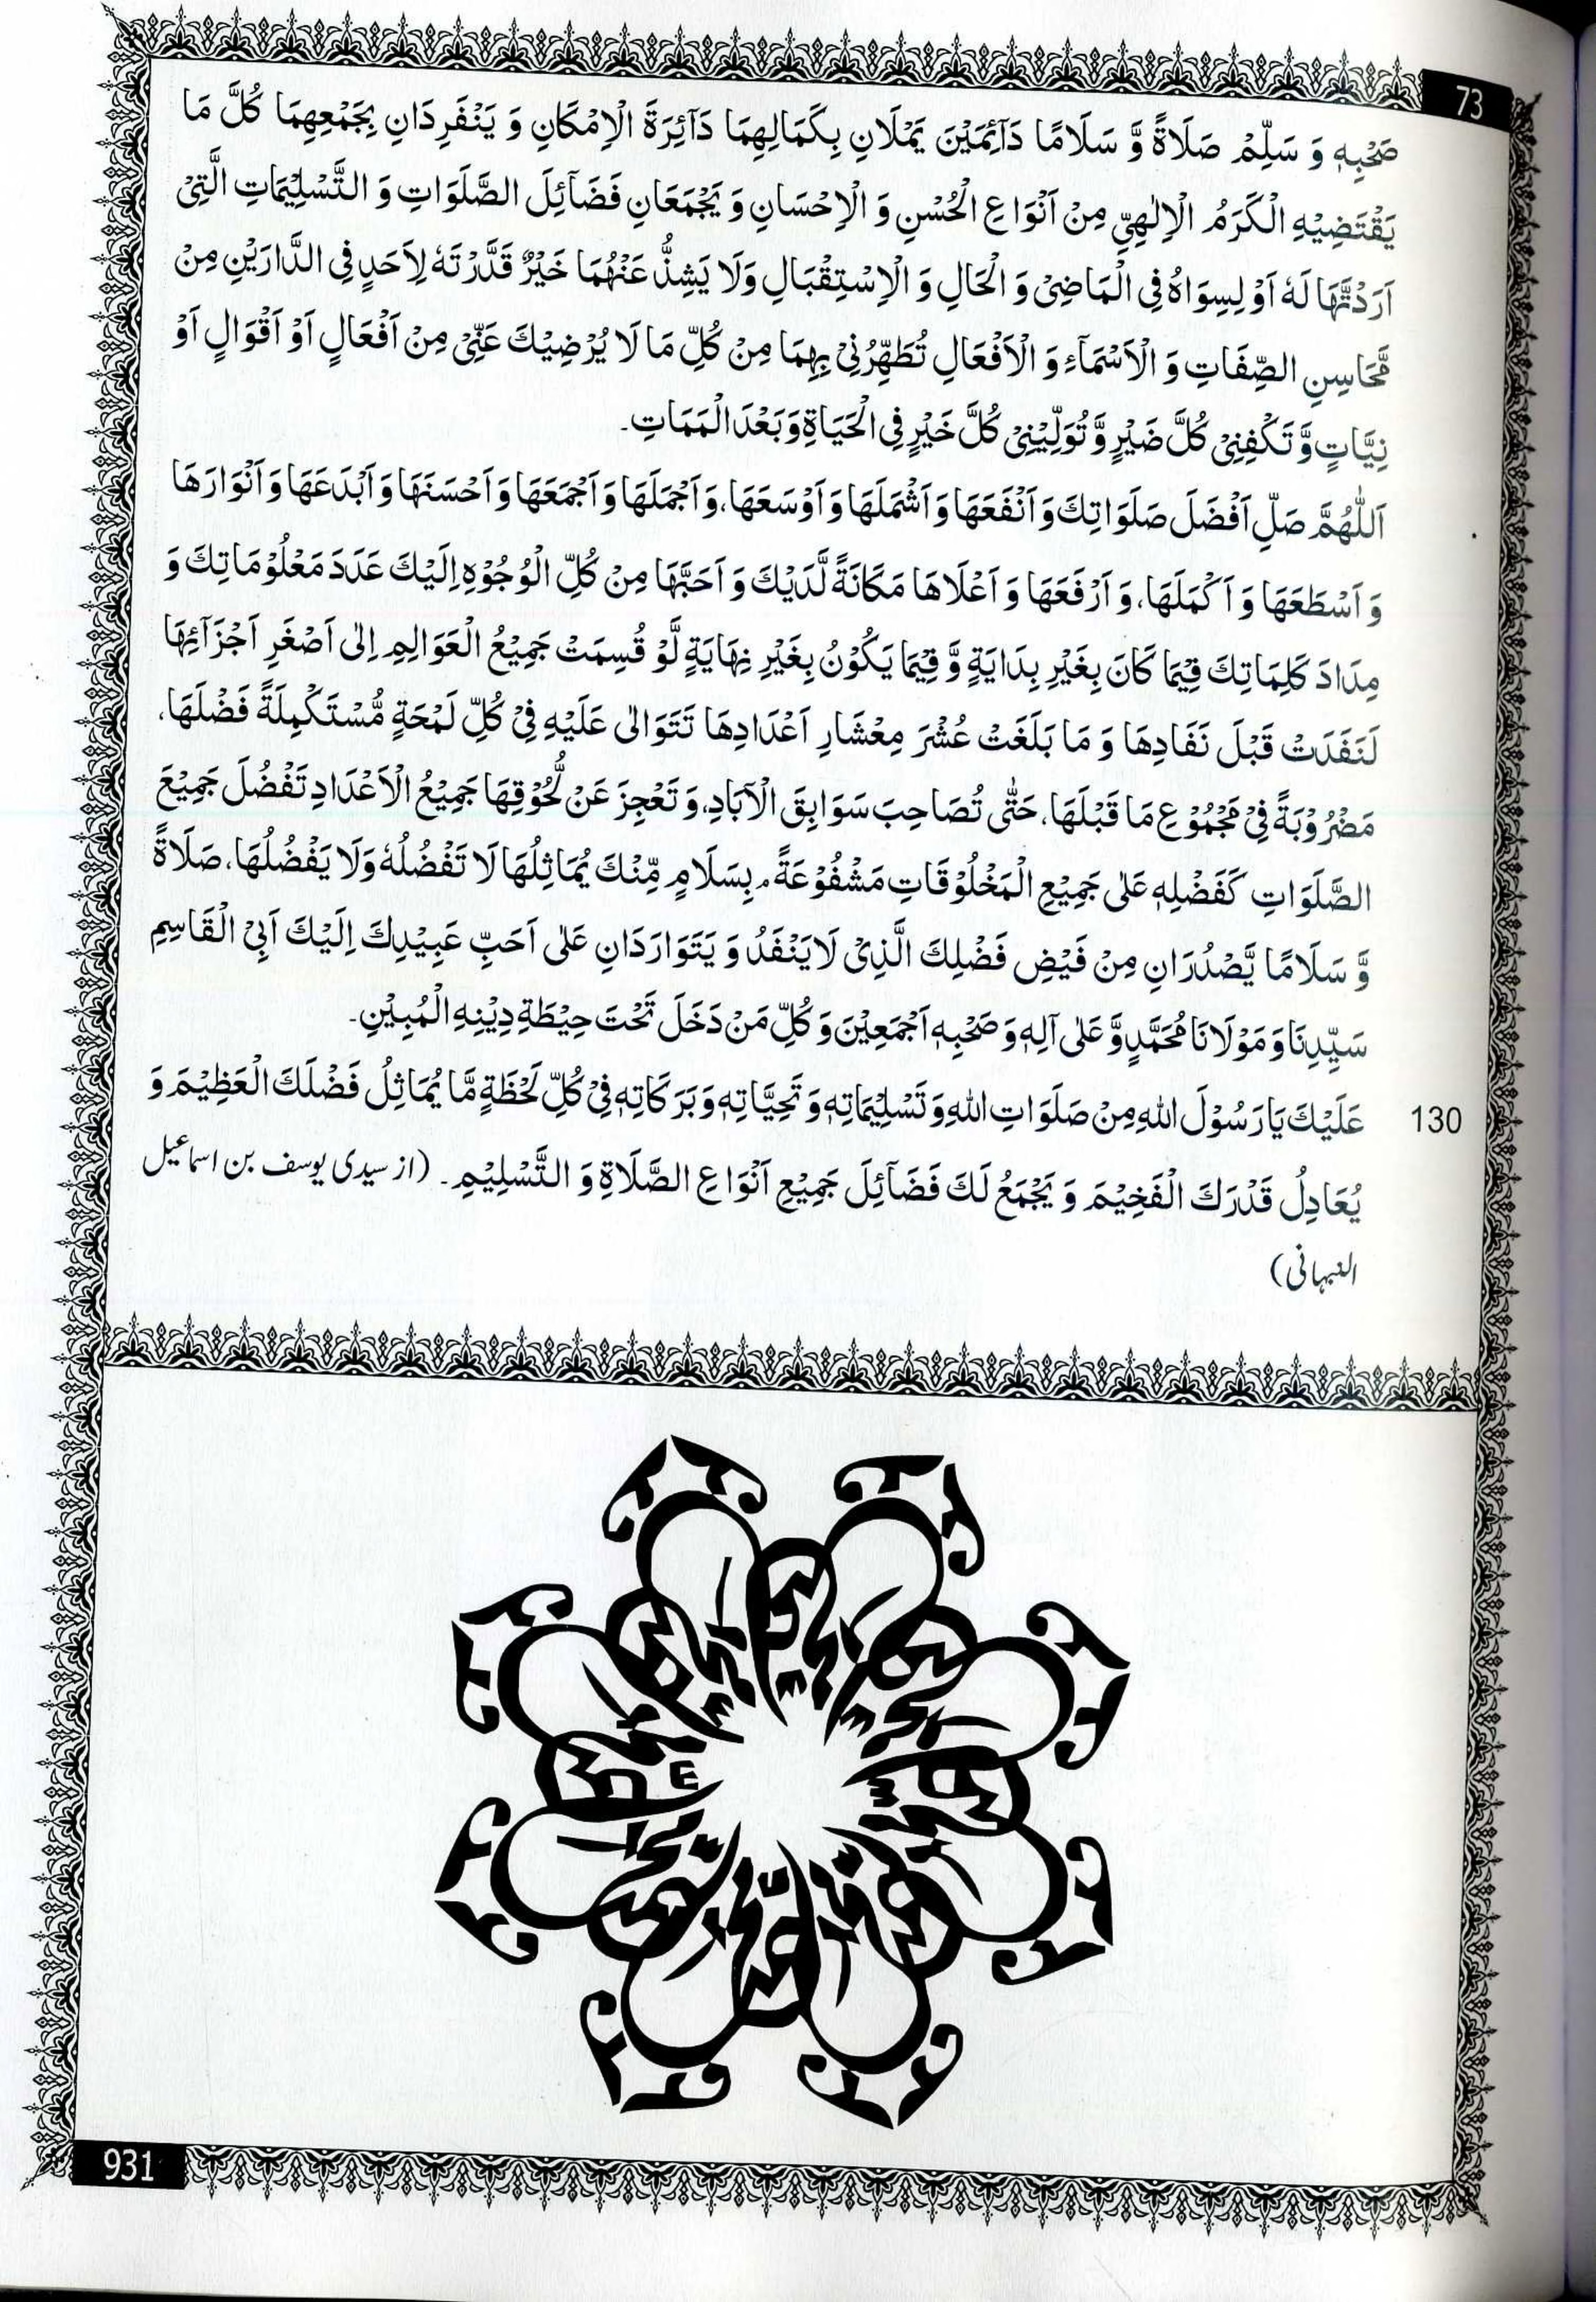 اللهم صلي على سيدنا محمد الفاتح لما اغلق